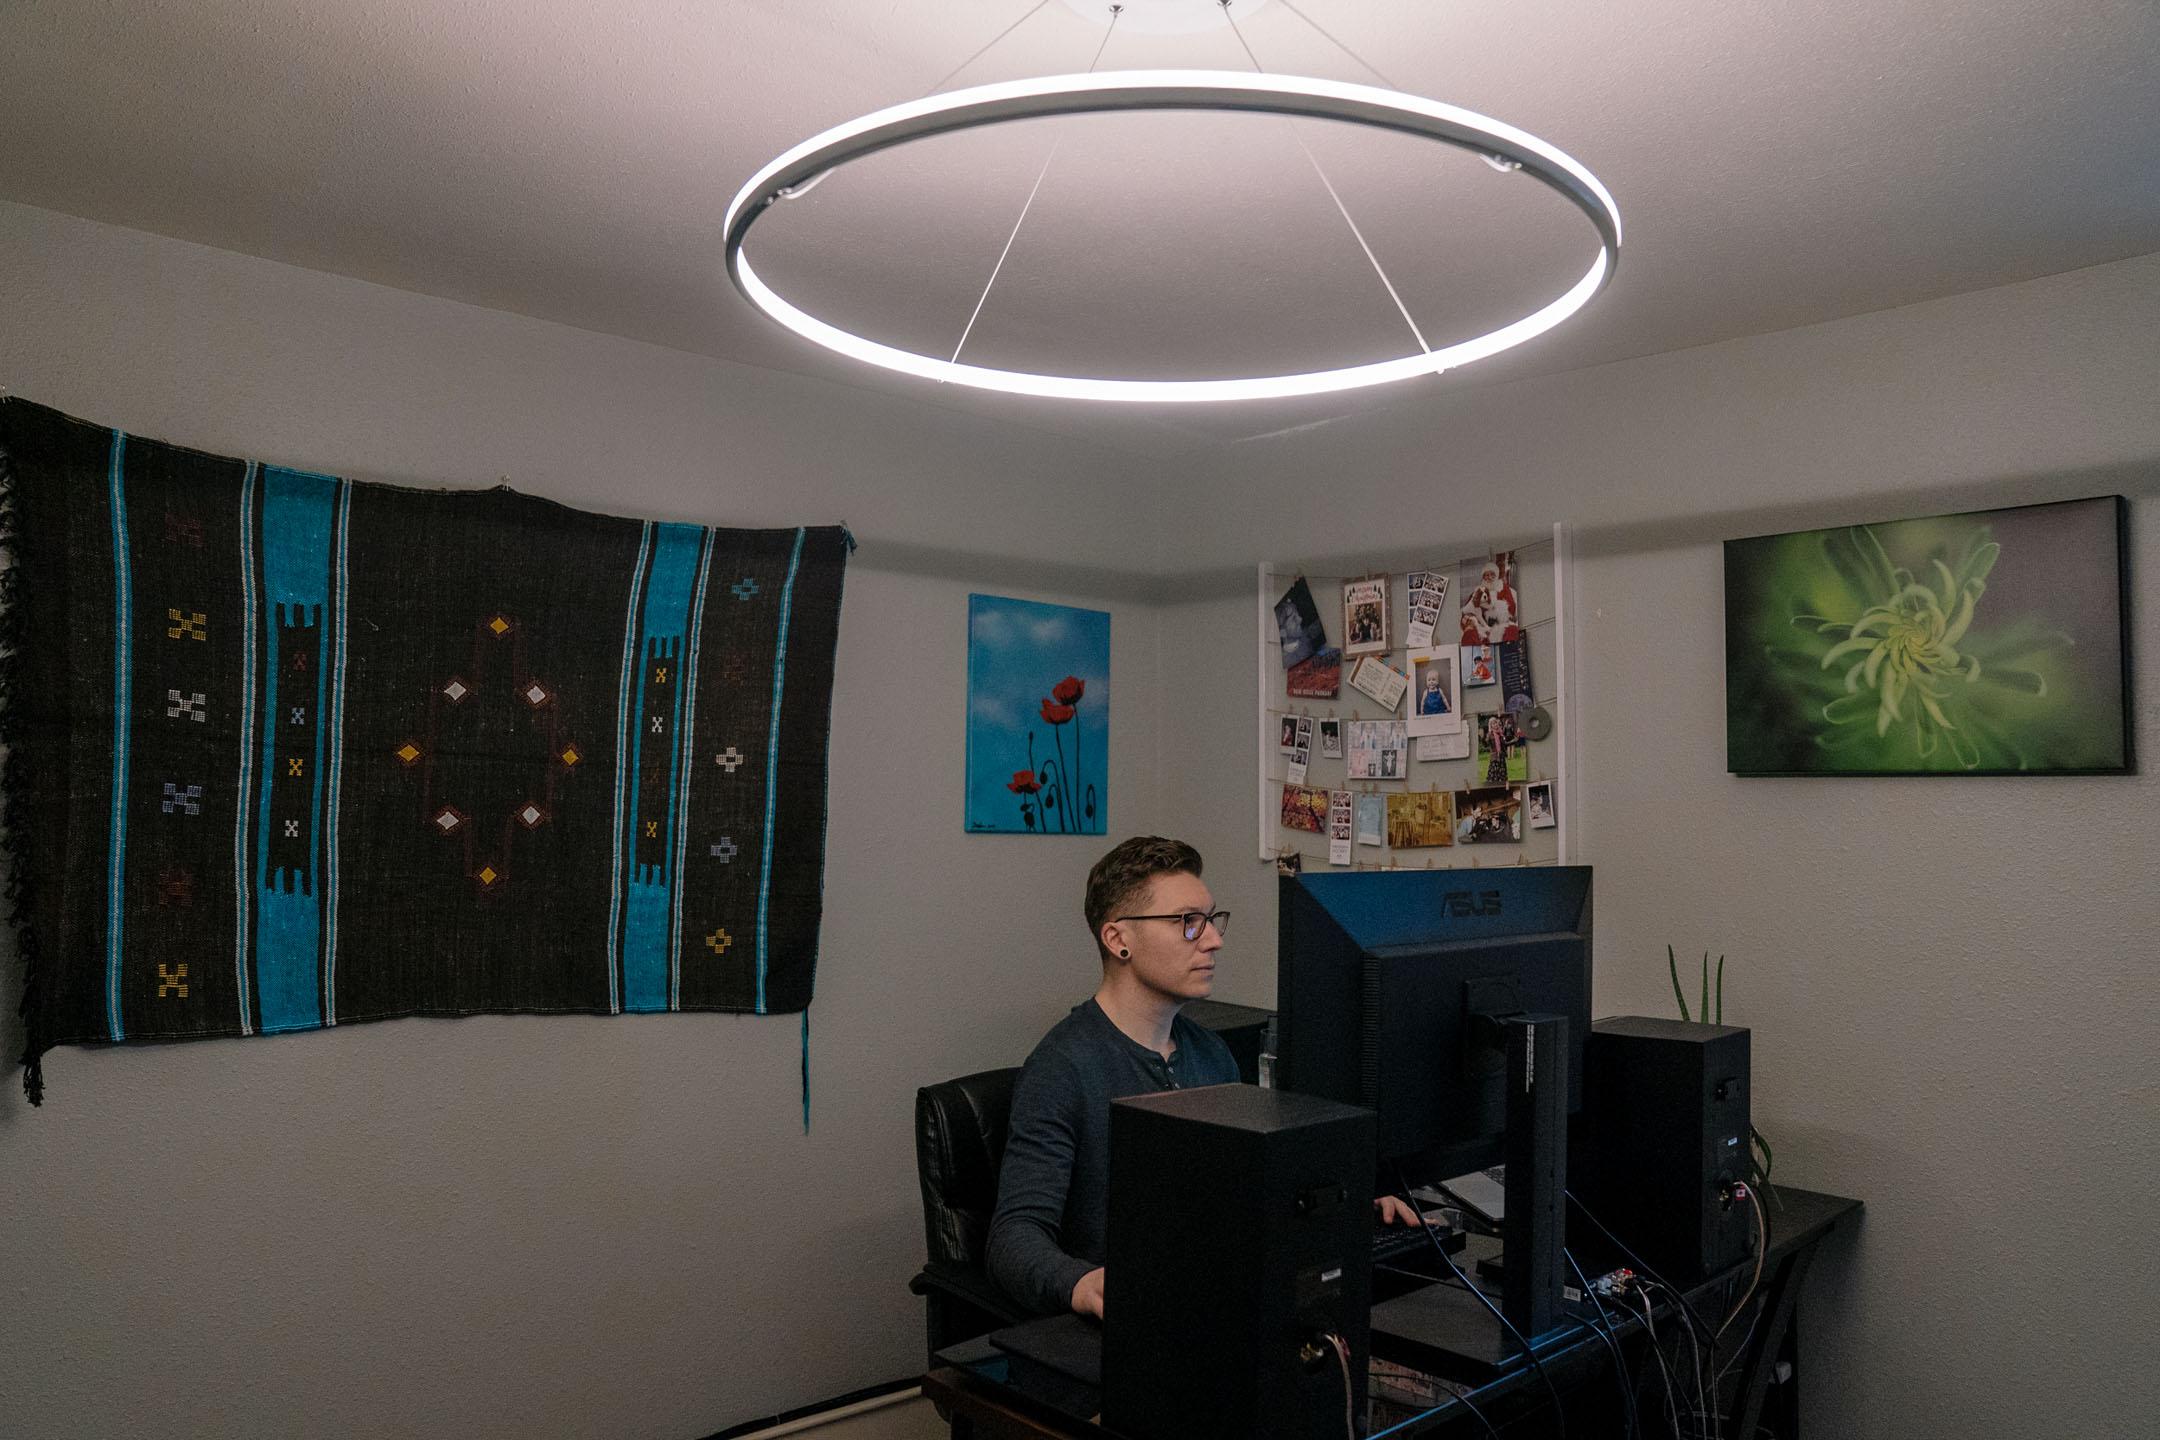 2020年3月12日,西雅圖一名程式設計師正在家中工作。 攝:Jovelle Tamayo/For The Washington Post via Getty Images